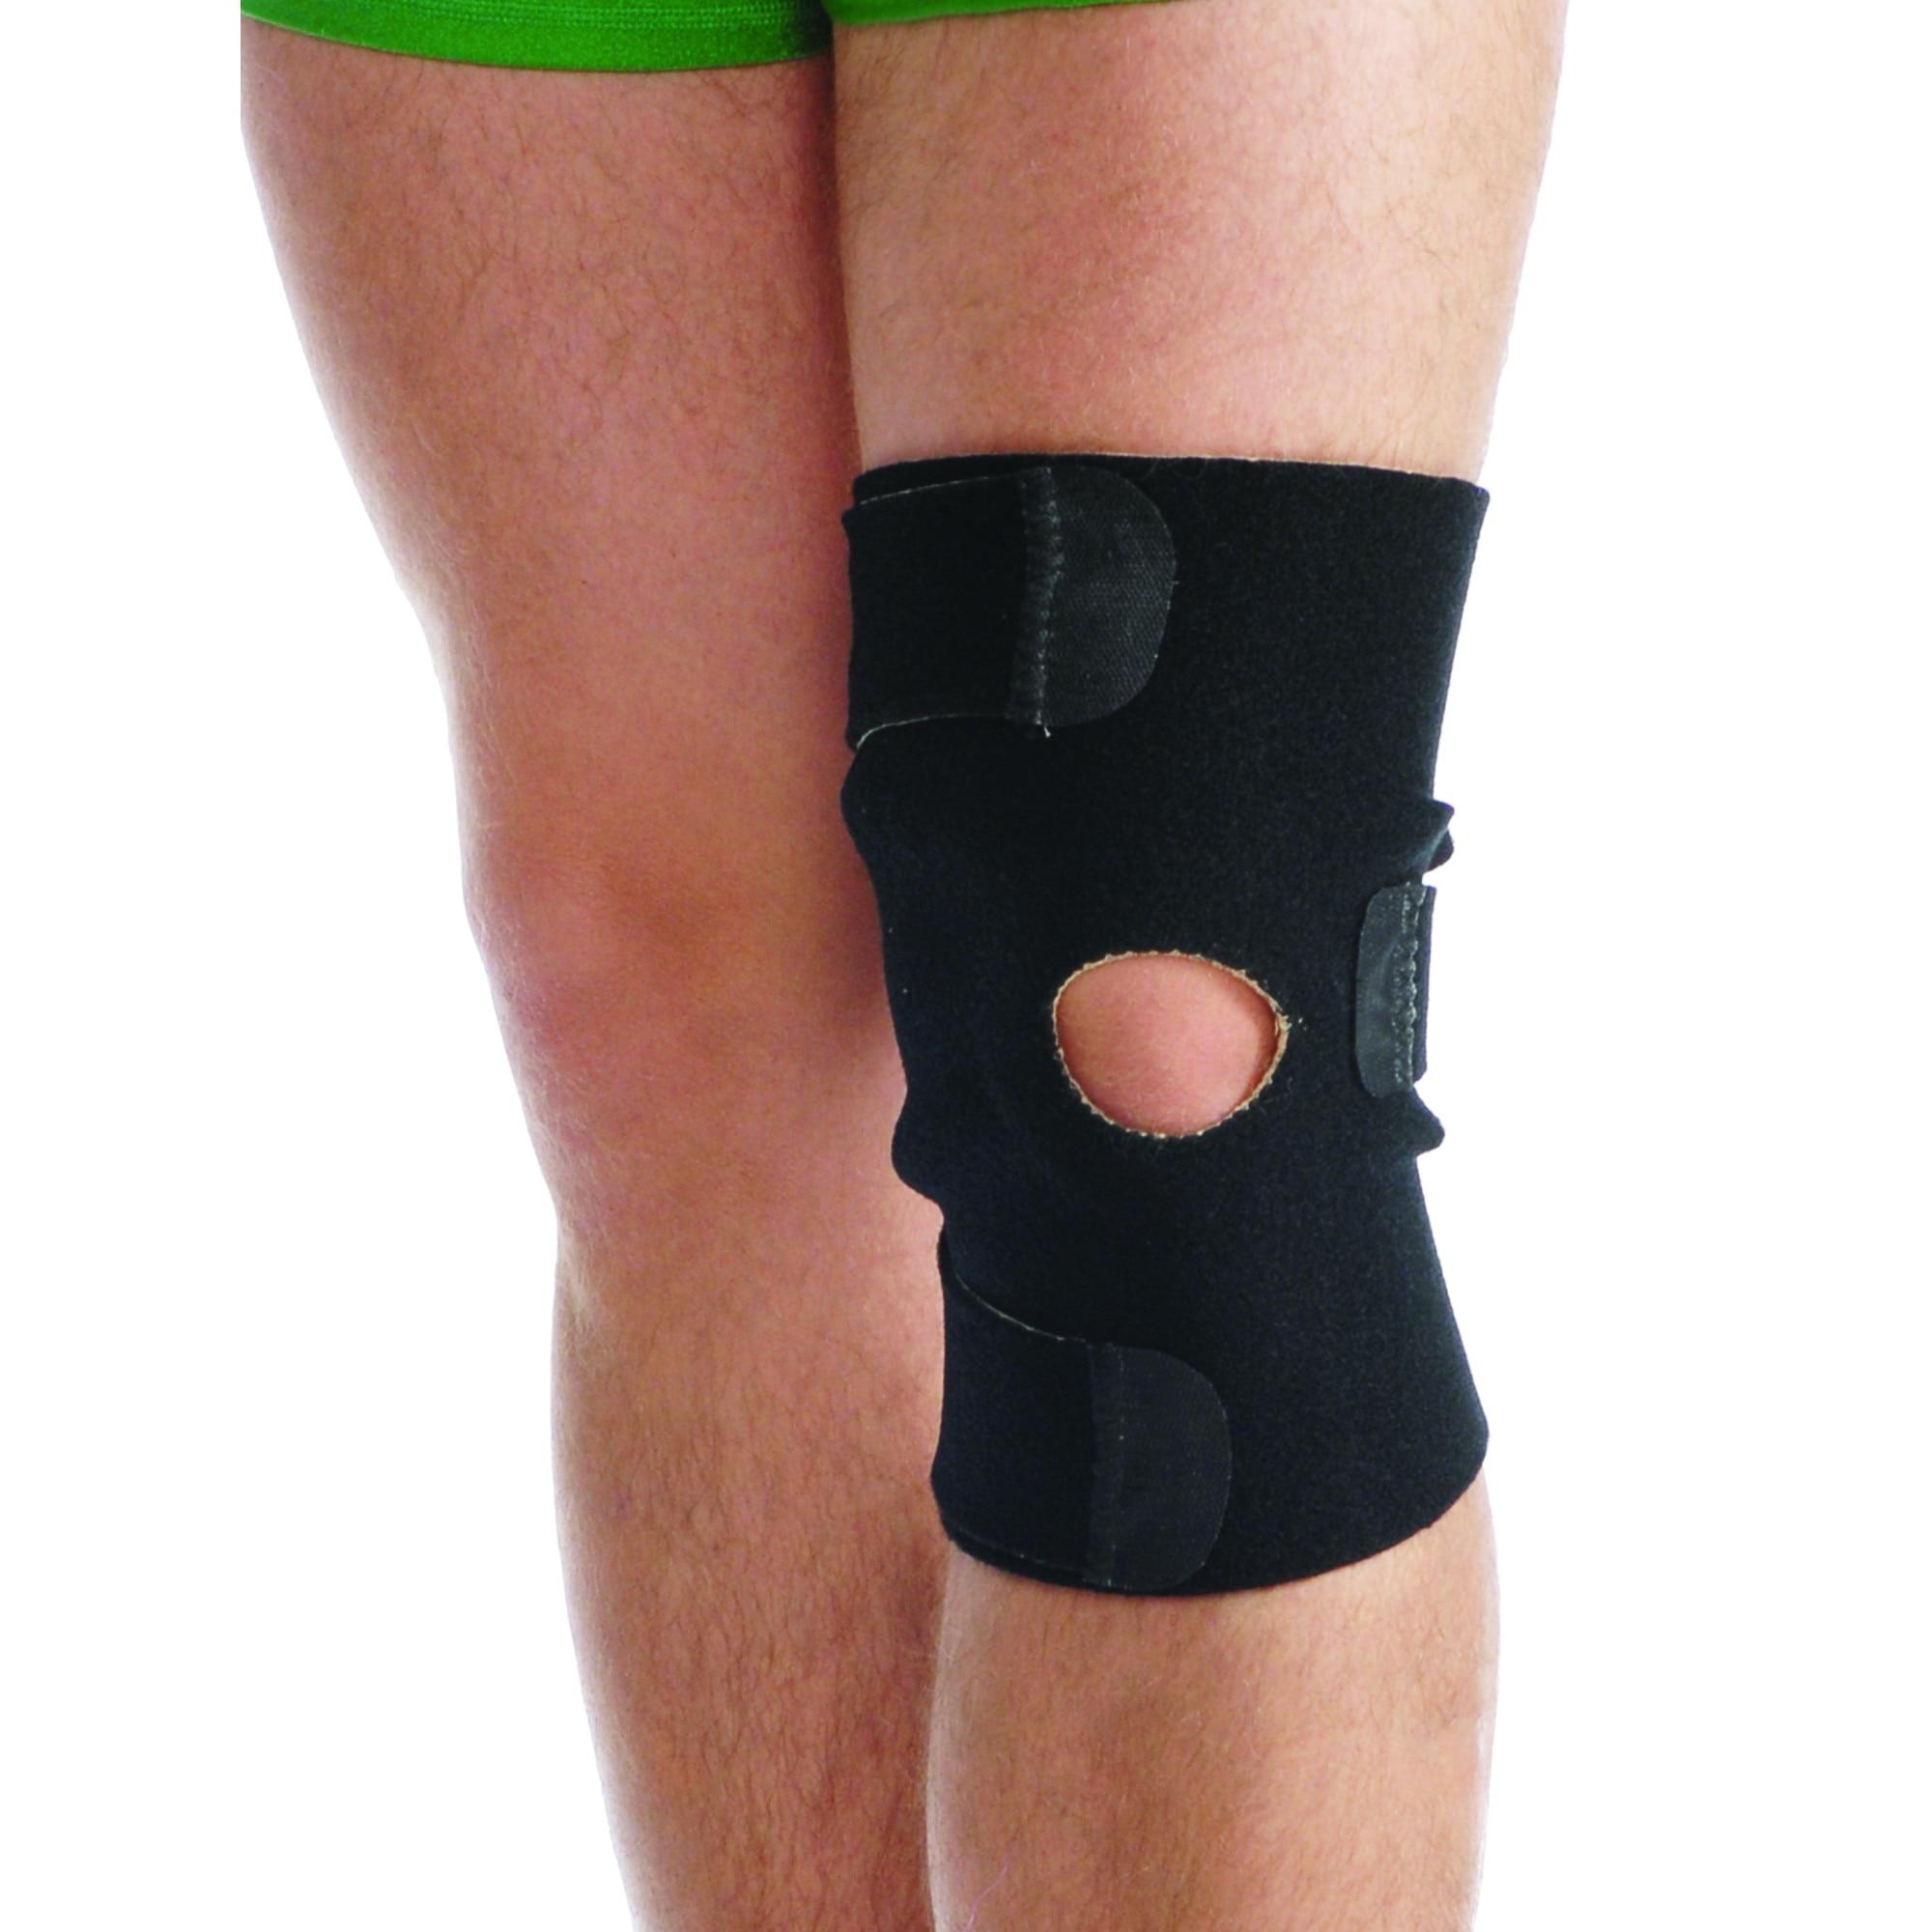 Metoda pentru tratarea artrozei articulațiilor genunchiului în Sol-Iletsk.